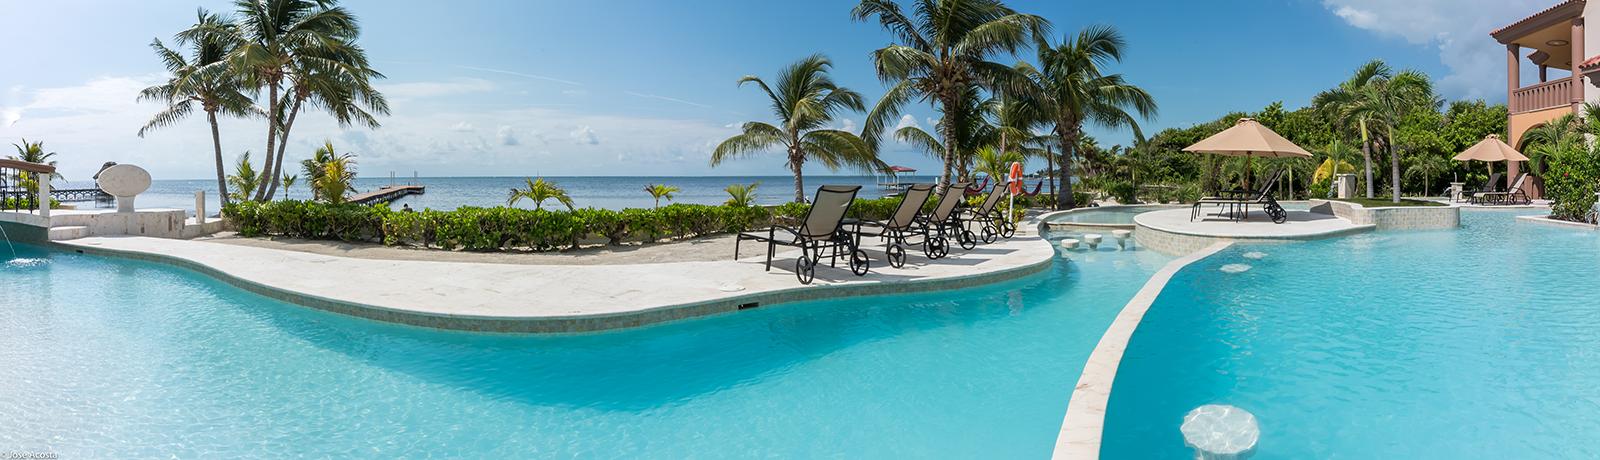 Belizean-Cove-Estates-1